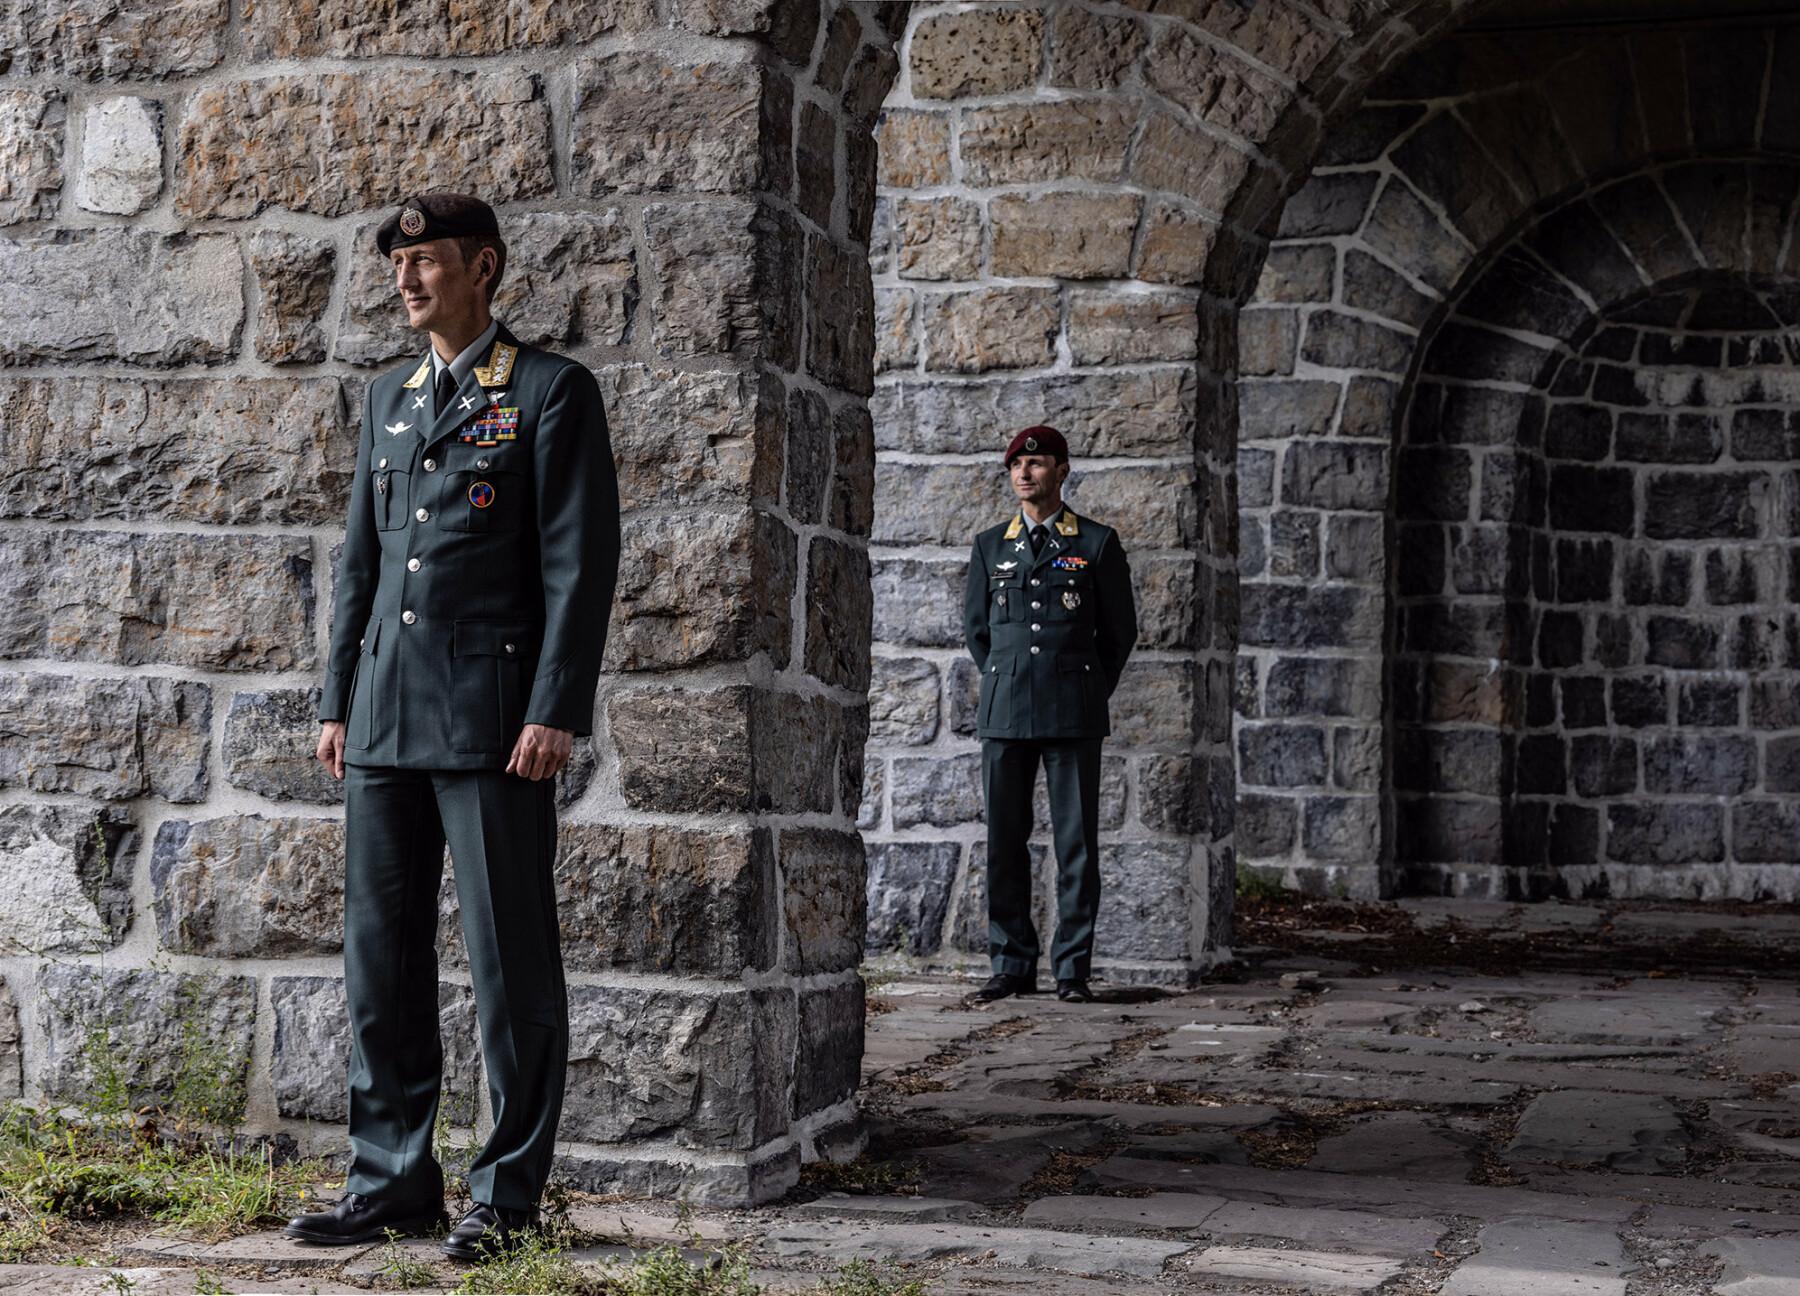 Eirik og Frode Kristoffersen tjenestegjorde sammen i Afghanistan i perioden 2002 til 2008. I dag er Eirik forsvarssjef, Frode er i Etterretningstjenesten.